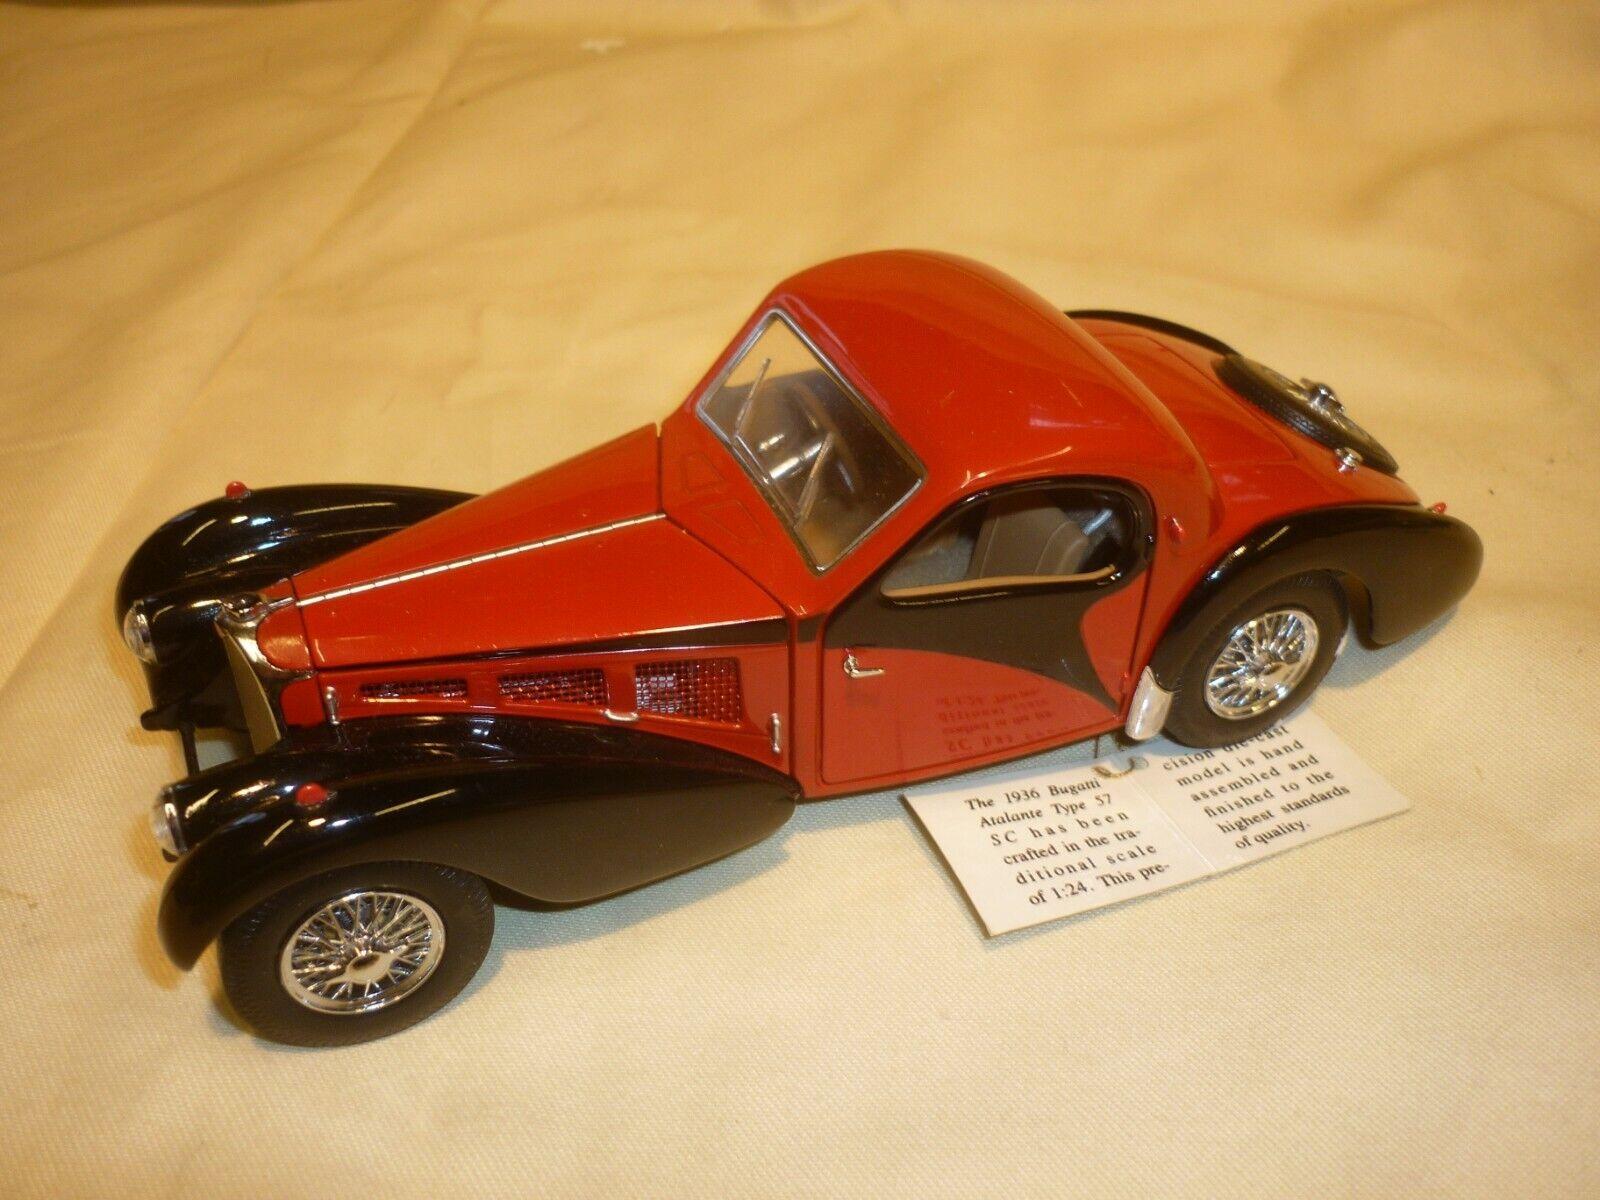 Pre-owned Franklin mint 1936 Bugatti Atlantic type 57 SC, no Box, loose,